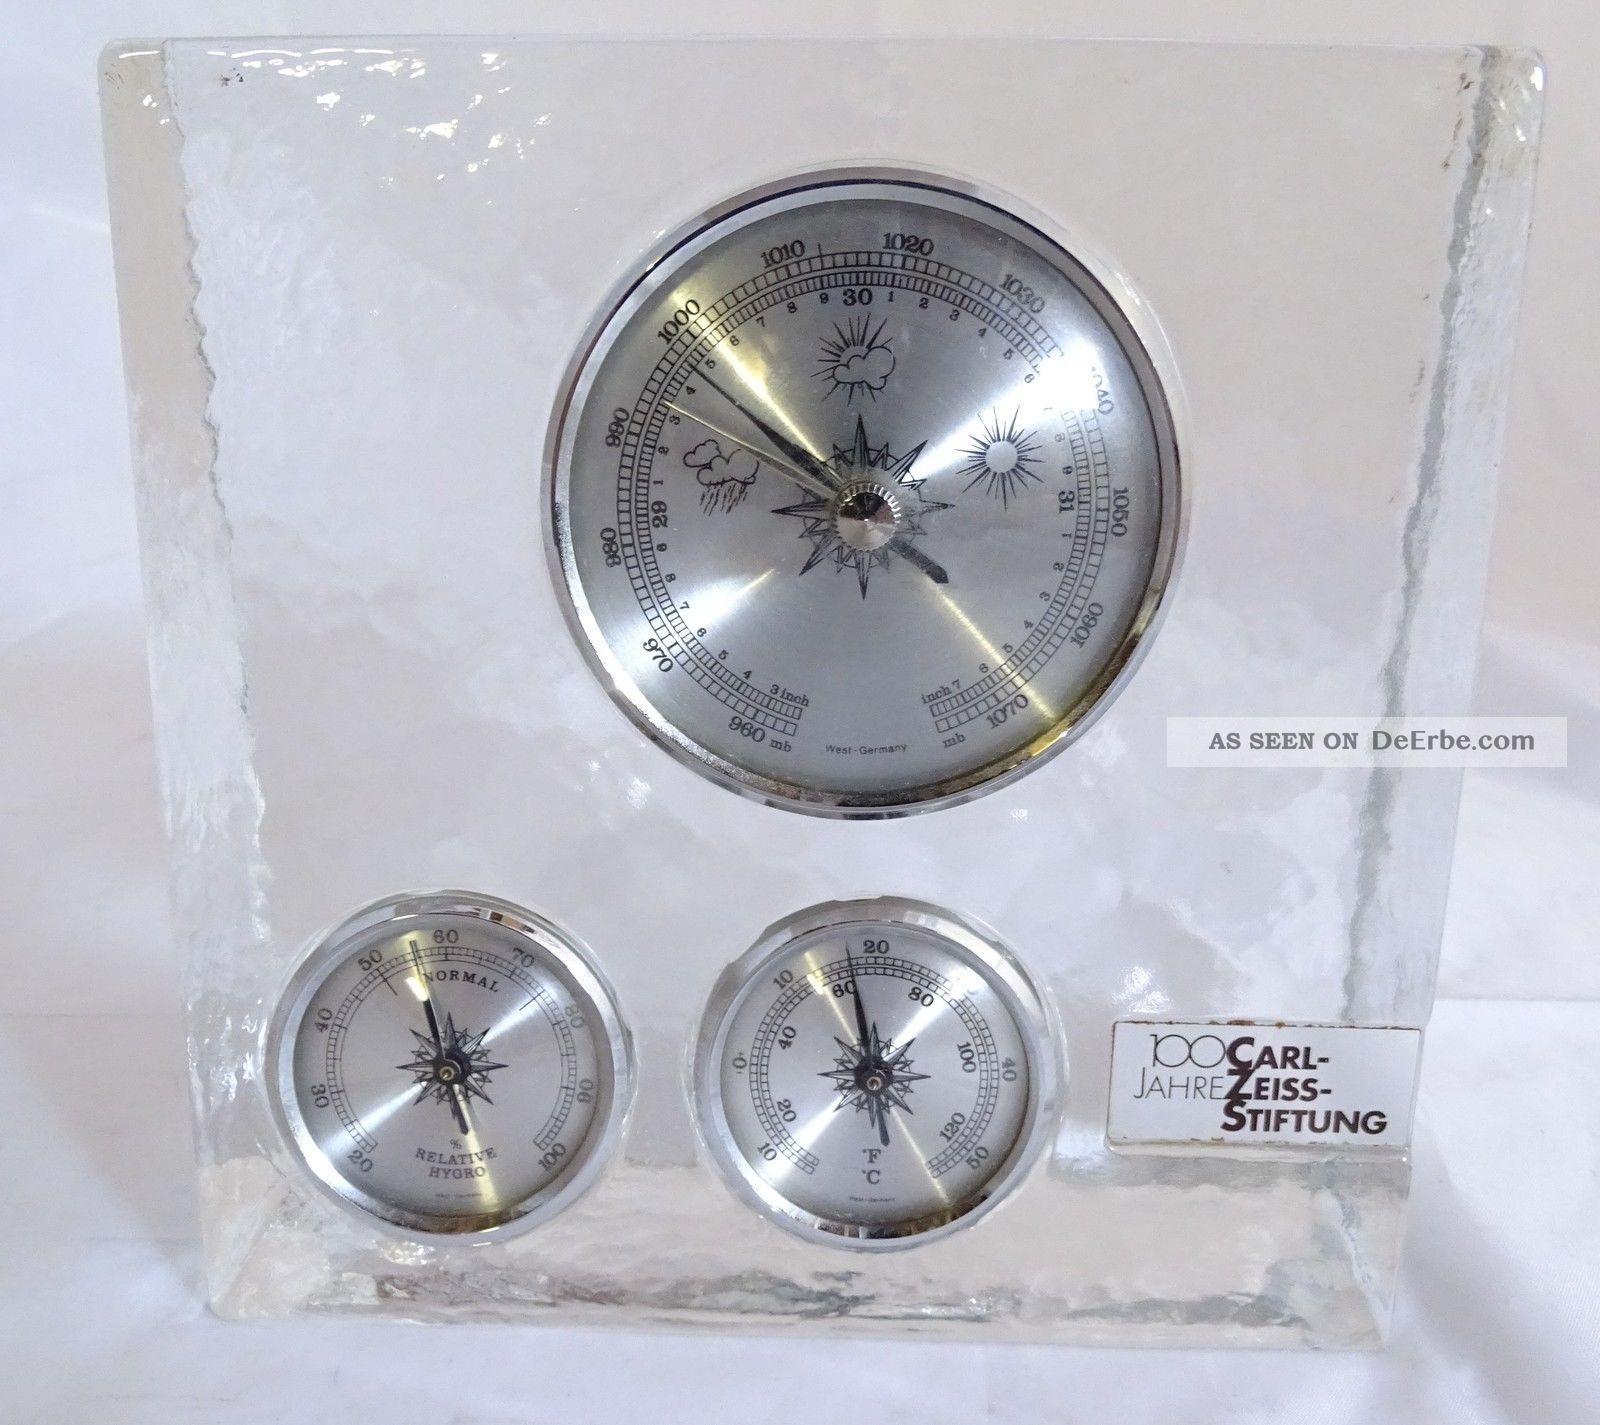 Glasblock Barometer Thermometer 100 Jahre Carl Zeiss Stiftung Gesuchte Rarität Wettergeräte Bild